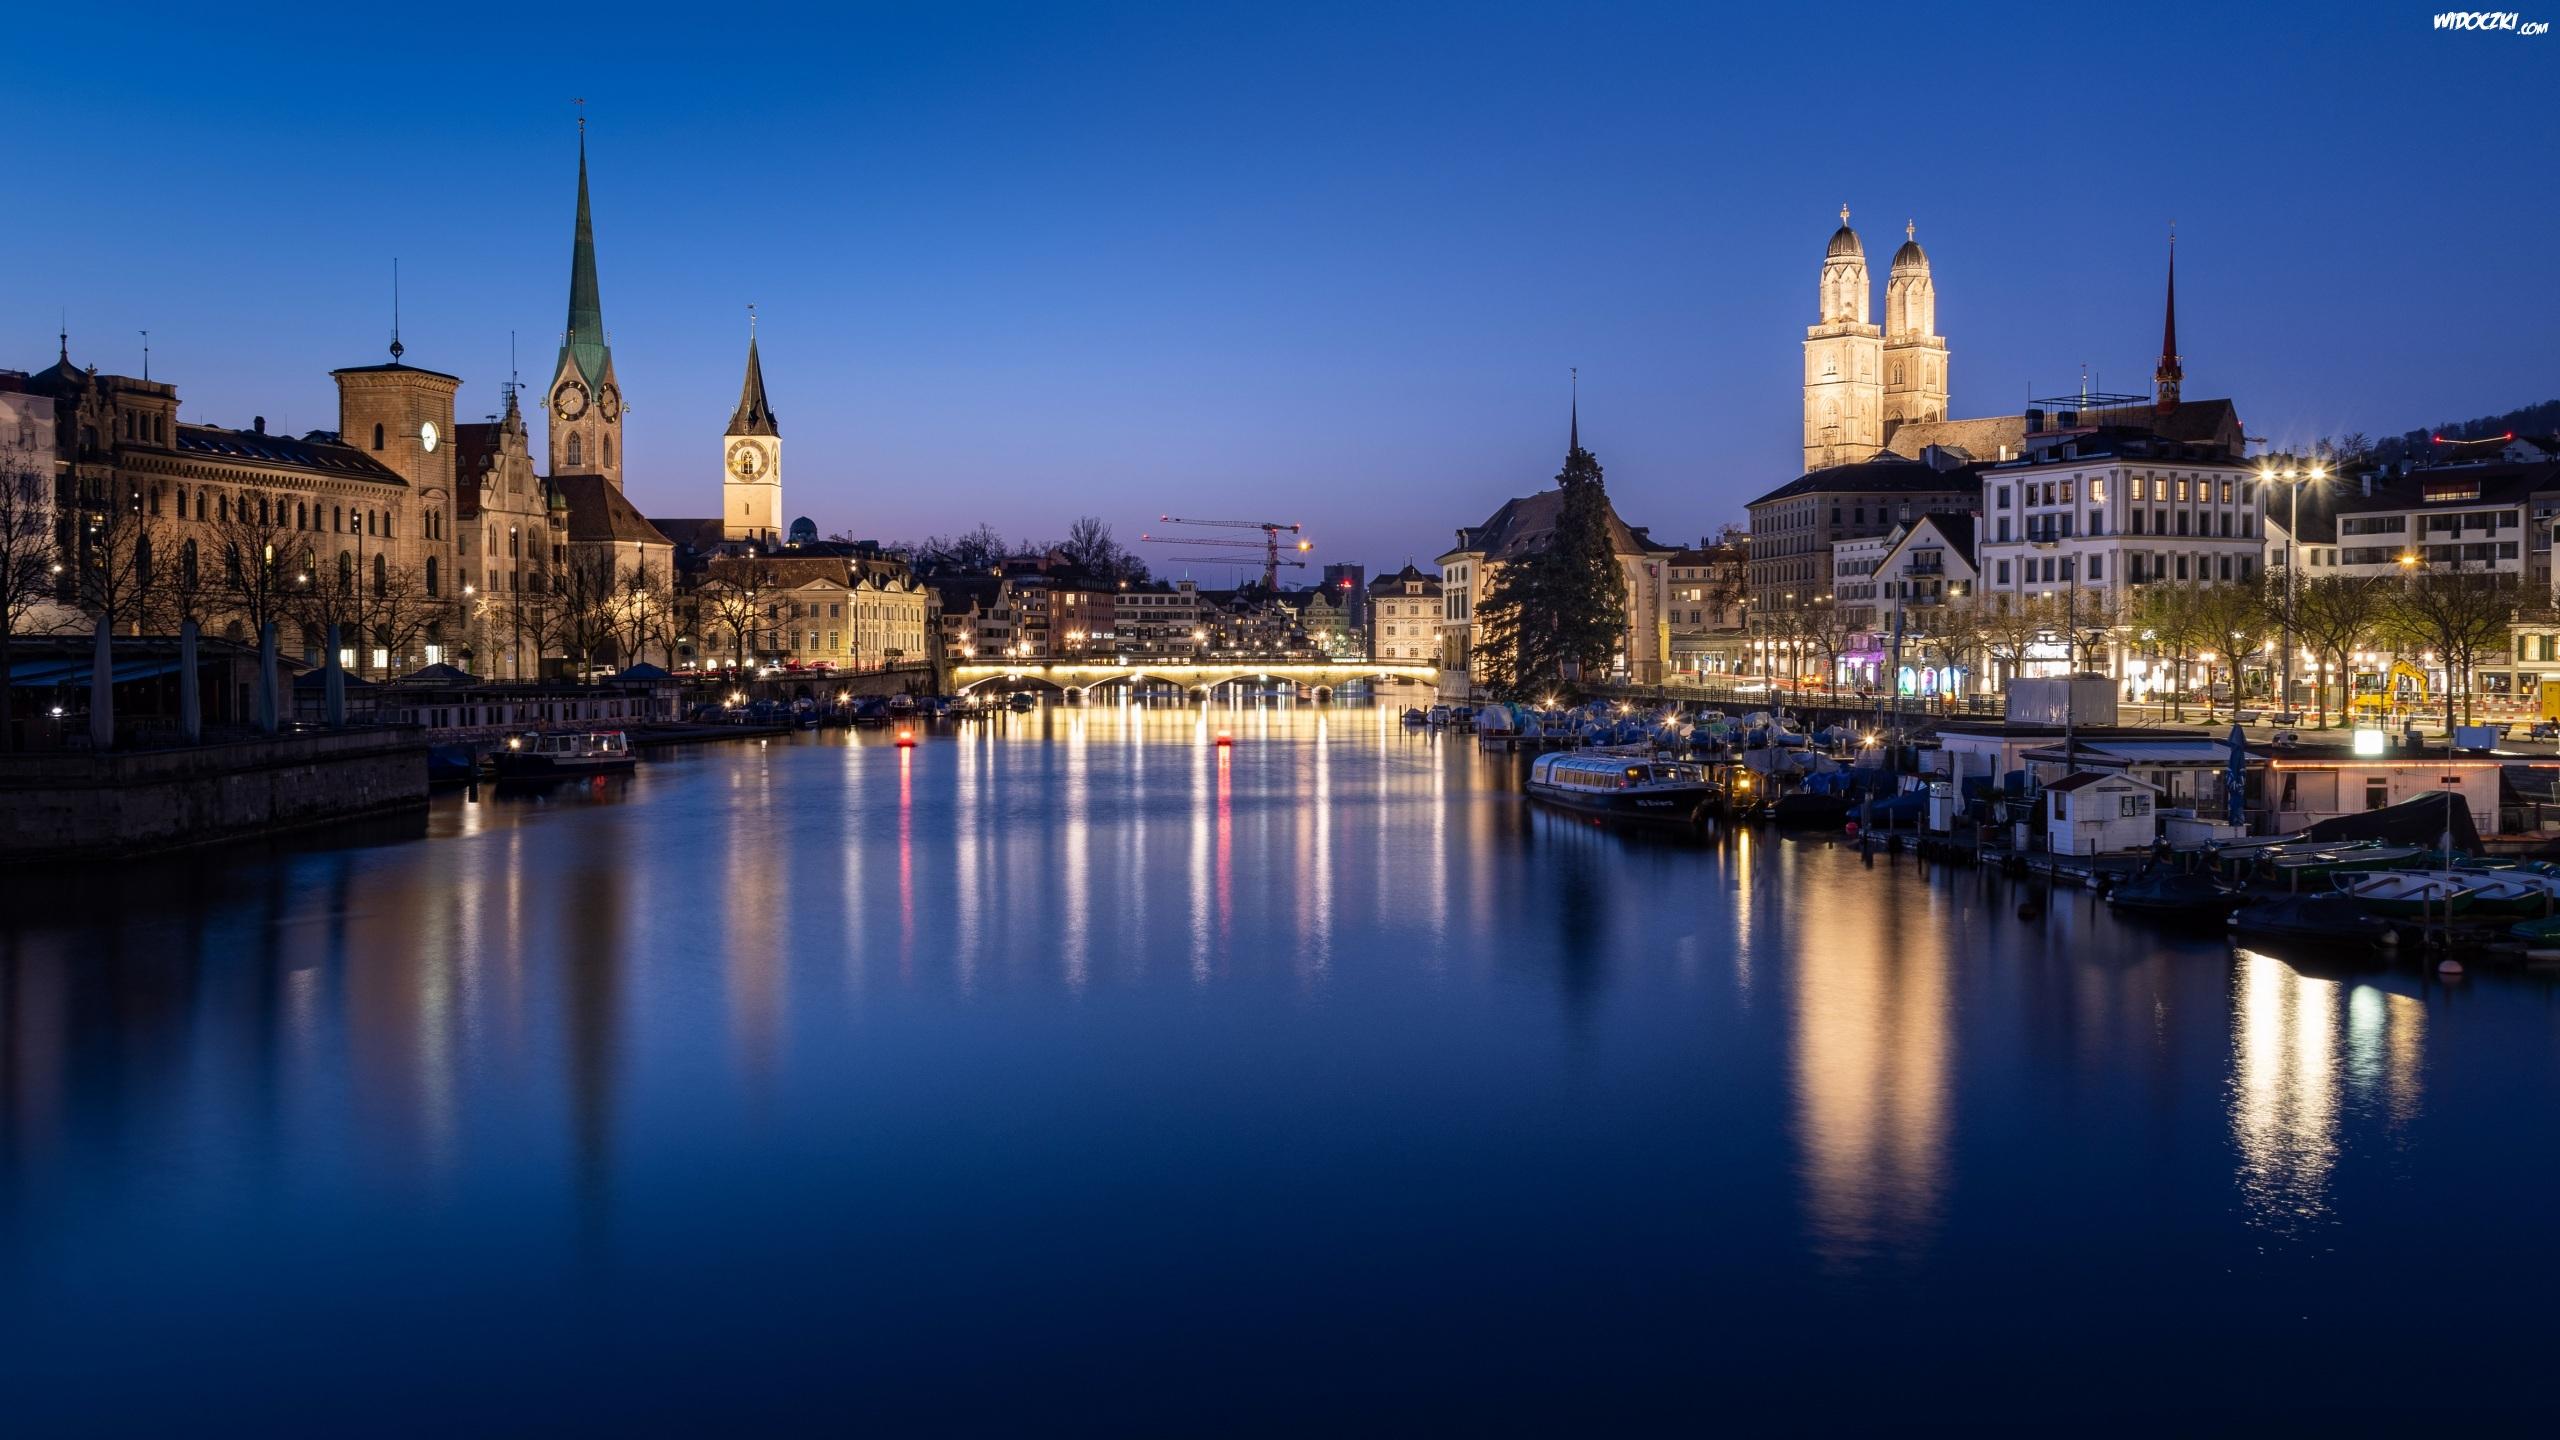 Szwajcaria, Zurych, Noc, Domy, Rzeka Limmat, Most